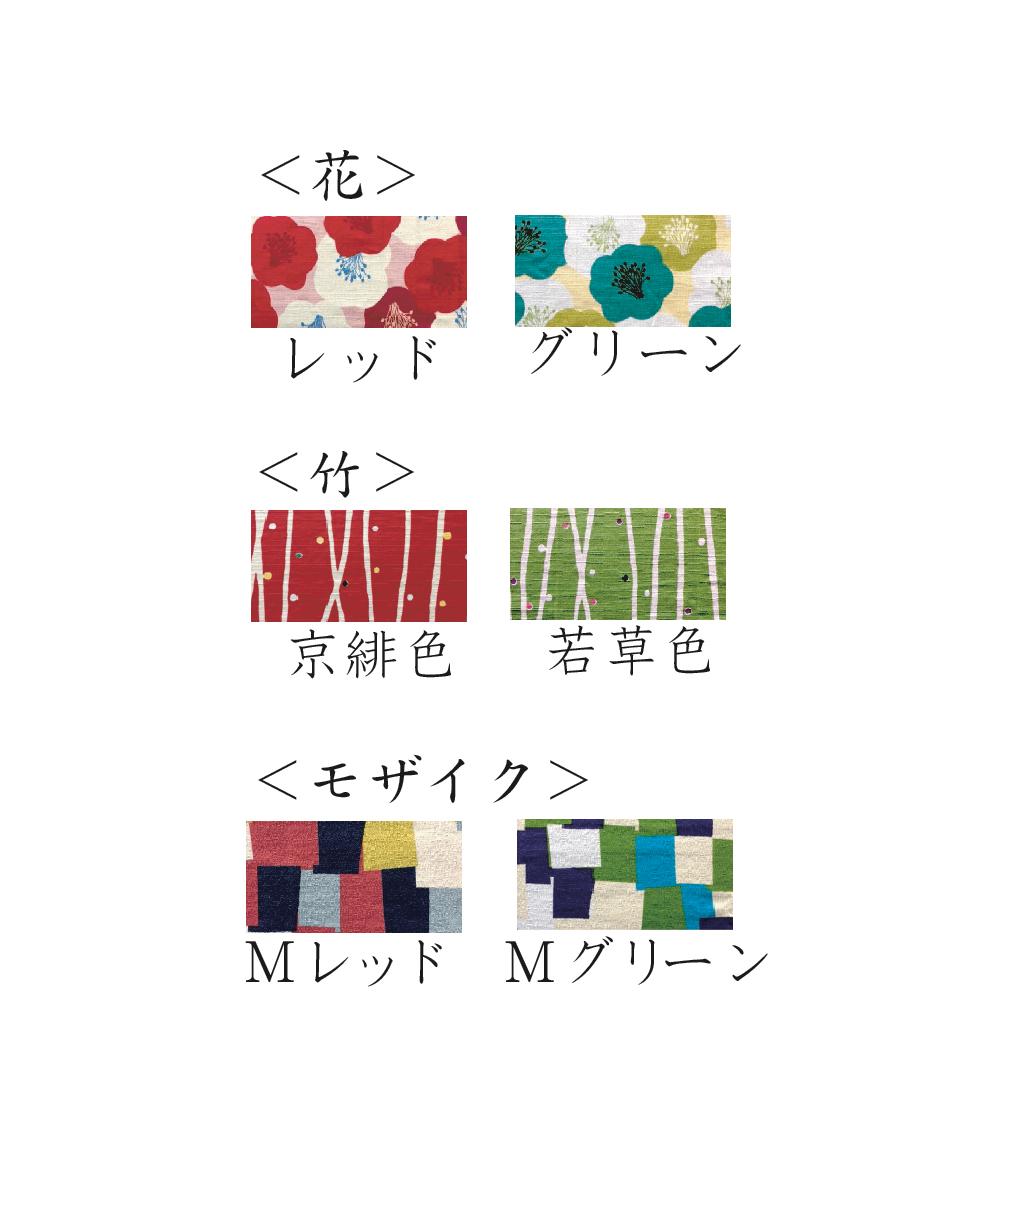 http://www.kyoto-platz.jp/news/images/%E5%BB%83%E7%9B%A4%E7%94%9F%E5%9C%B0%E3%81%84.jpg